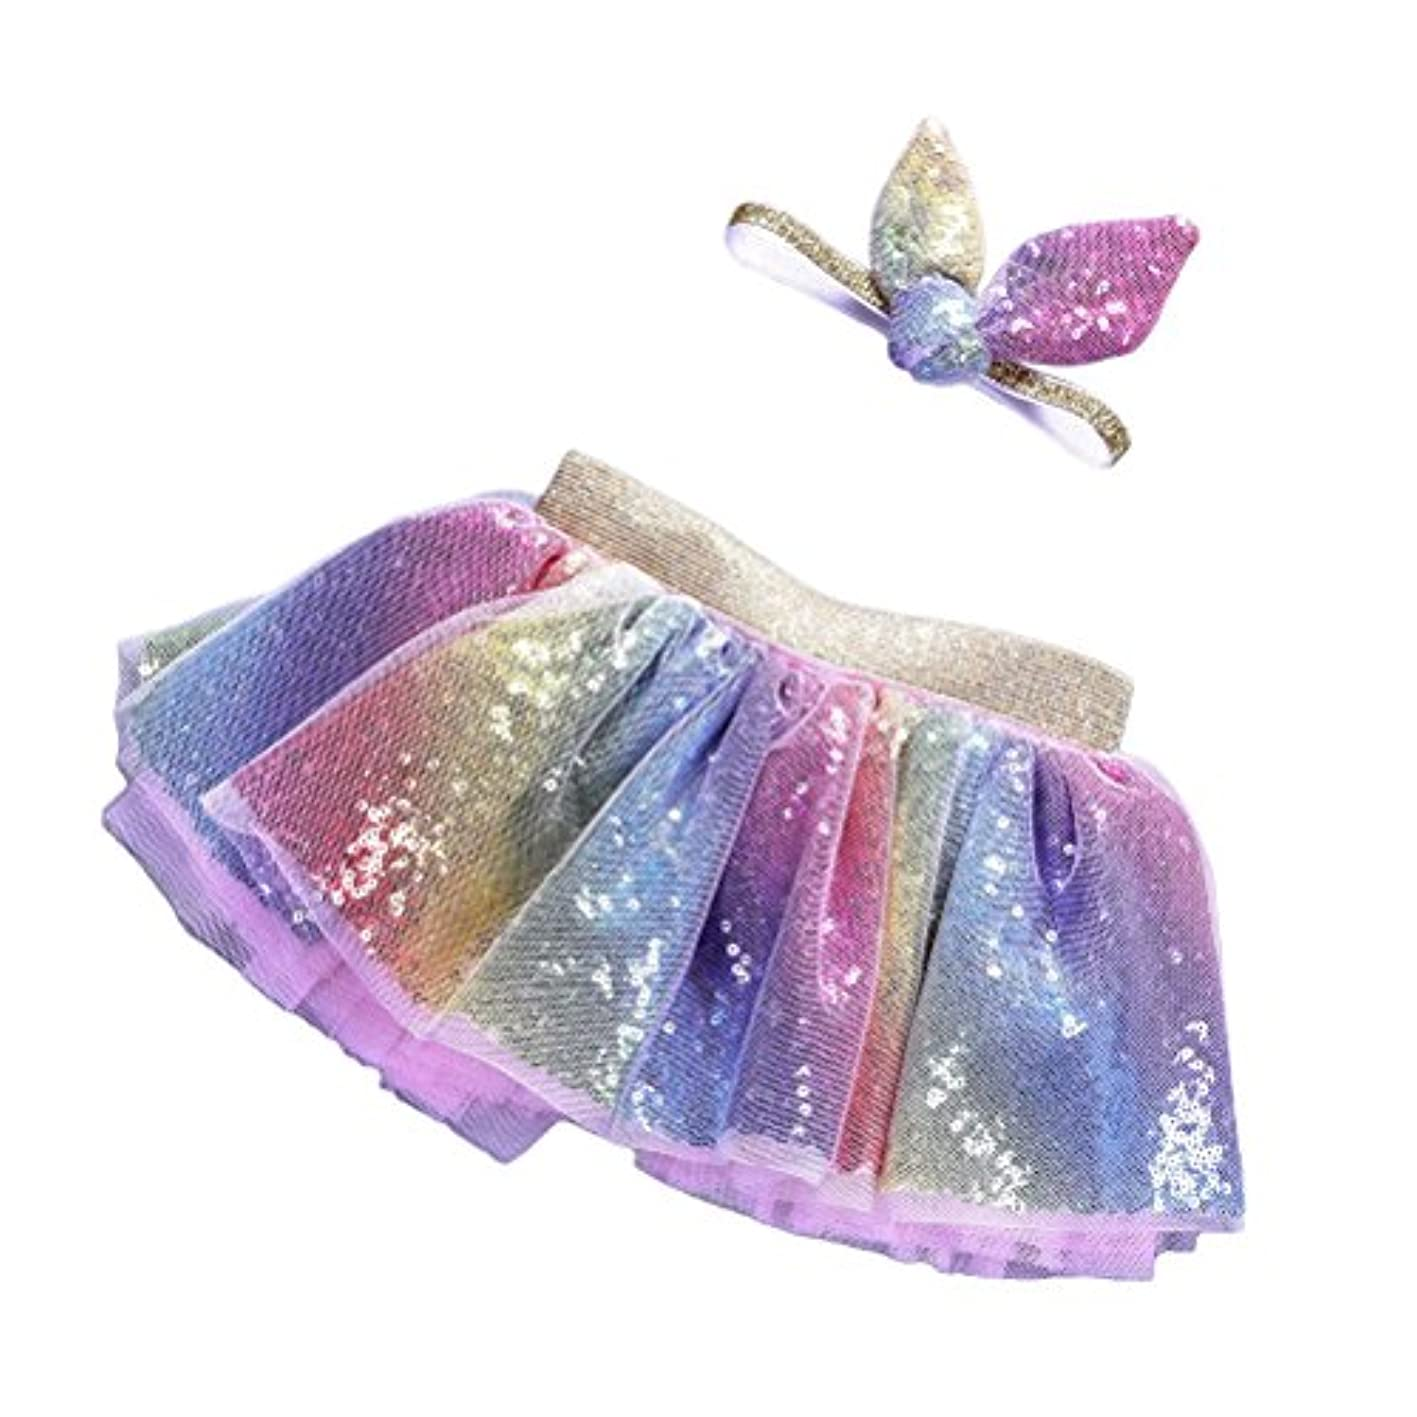 学者バックタフLUOEM 2PCSレインボーツツスカート(ヘッドバンド付き)プリンセスガールツツーの服装ベイビーガールズ誕生日の服セットサイズL(4-8歳)